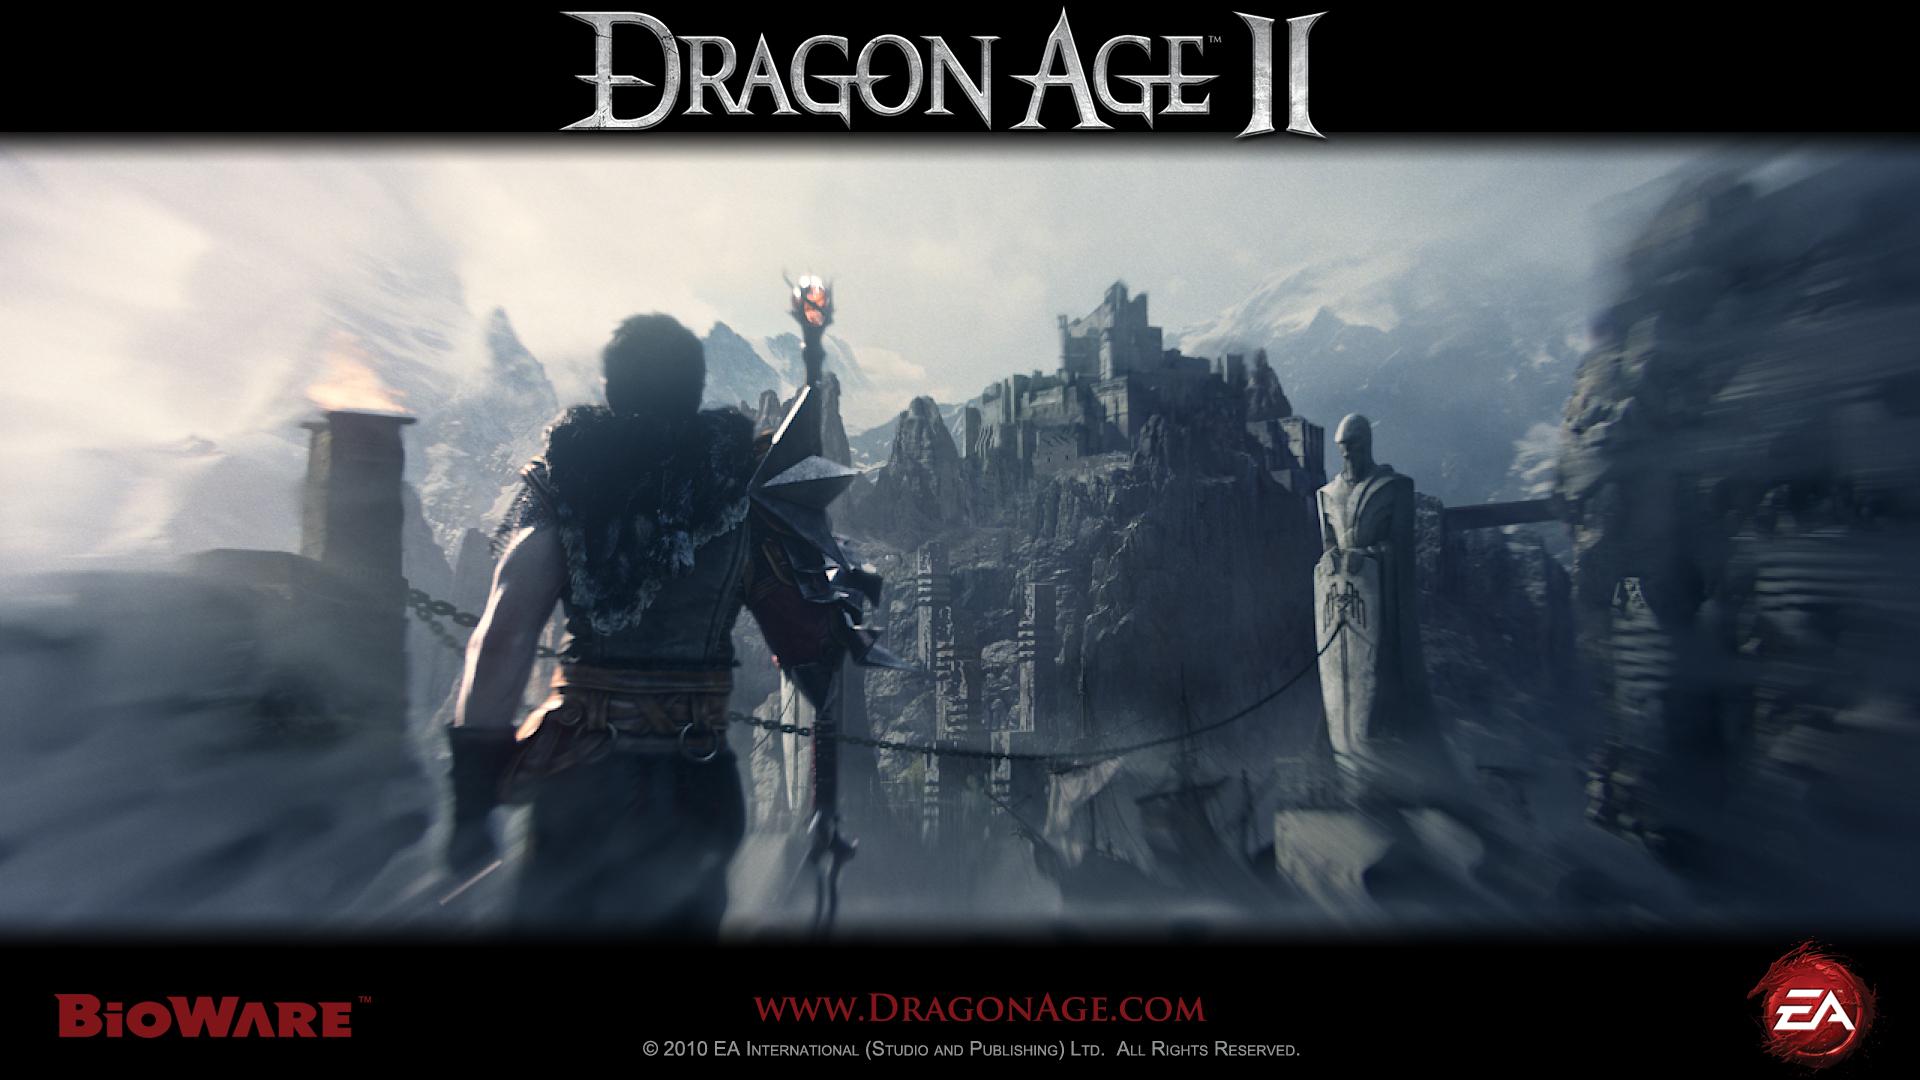 Dragon Age 2 Wallpaper 1920x1080